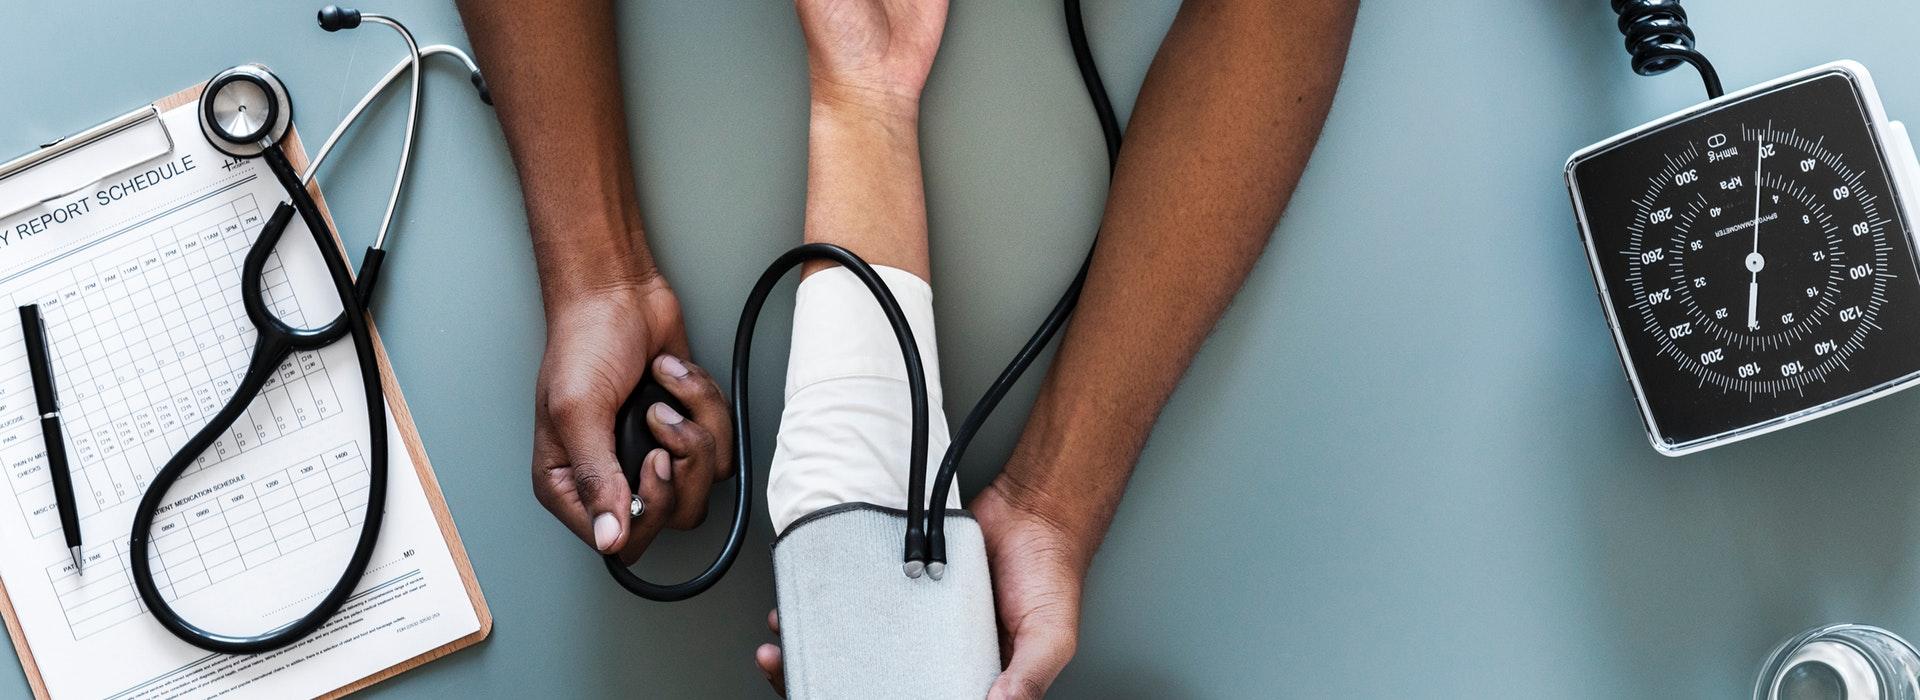 English description: Bird's eye view of a nurse's hands using a black blood pressure monitor on a patient's arm. description en français: vue des mains d'une infirmière qui utilise un tensiomètre noir sur le bras d'un patient.